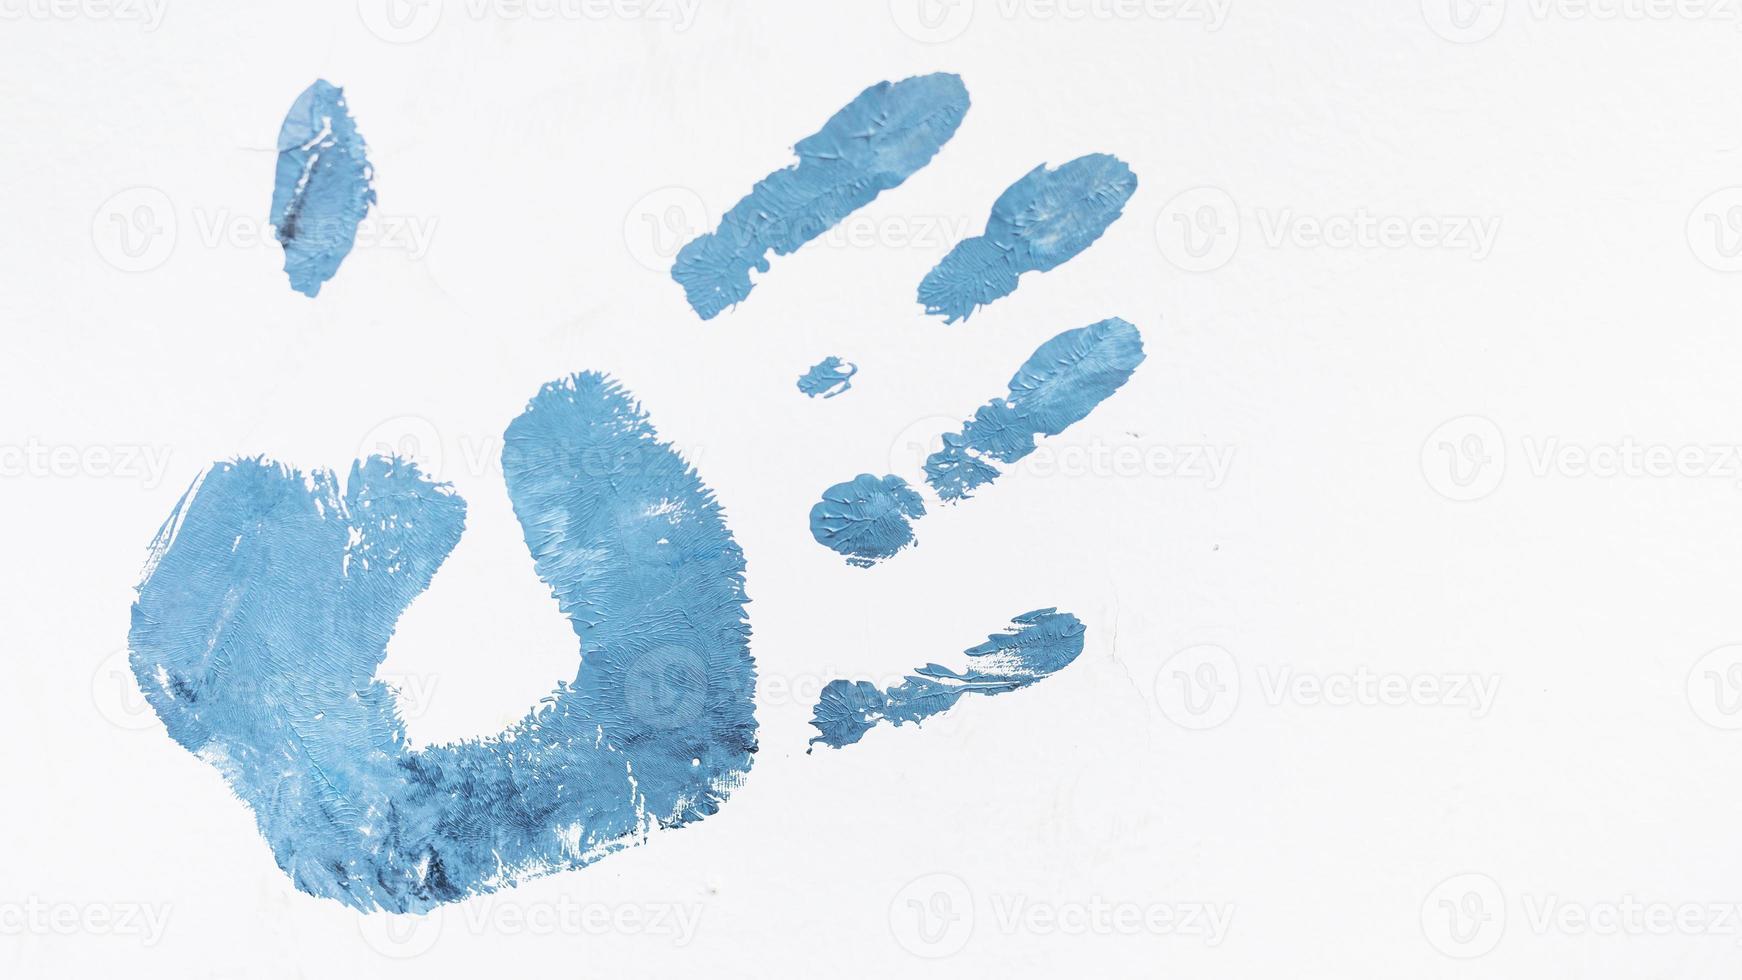 akrylblått mänskligt palmtryck isolerad på vit bakgrund foto